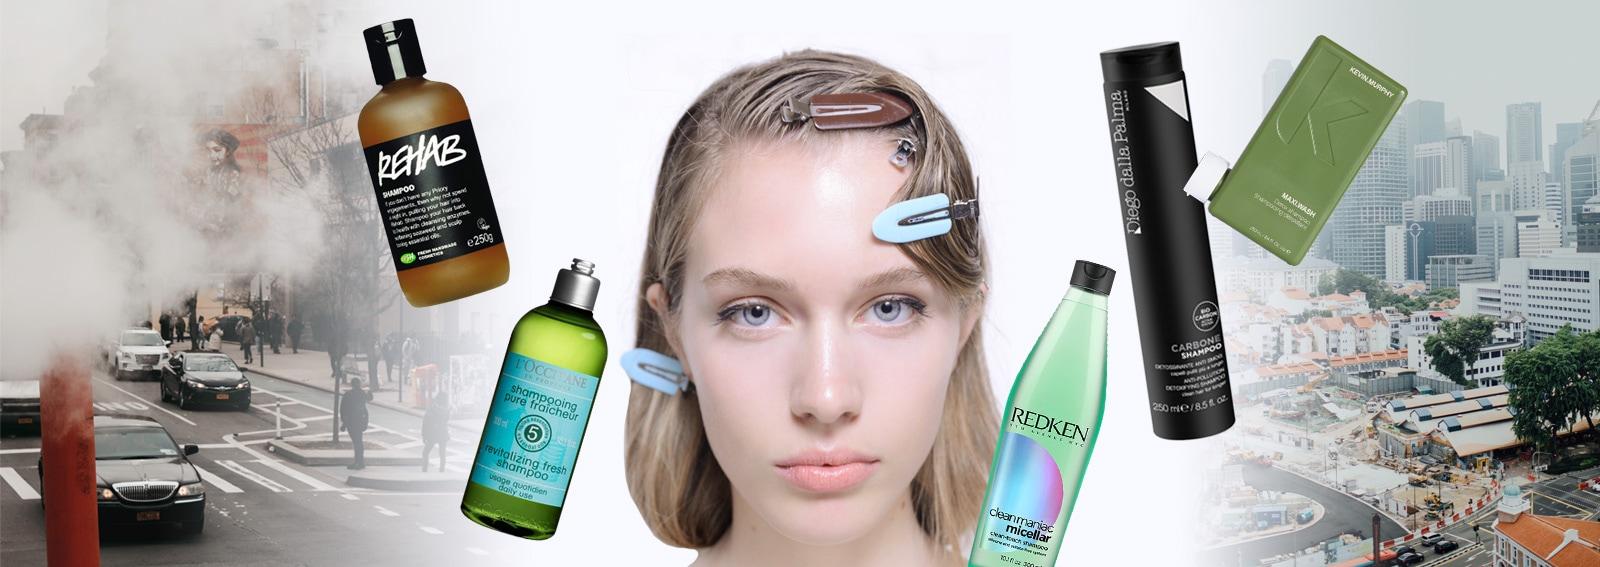 cover-sos-capelli-shampoo-anti-inquinamento-desktop